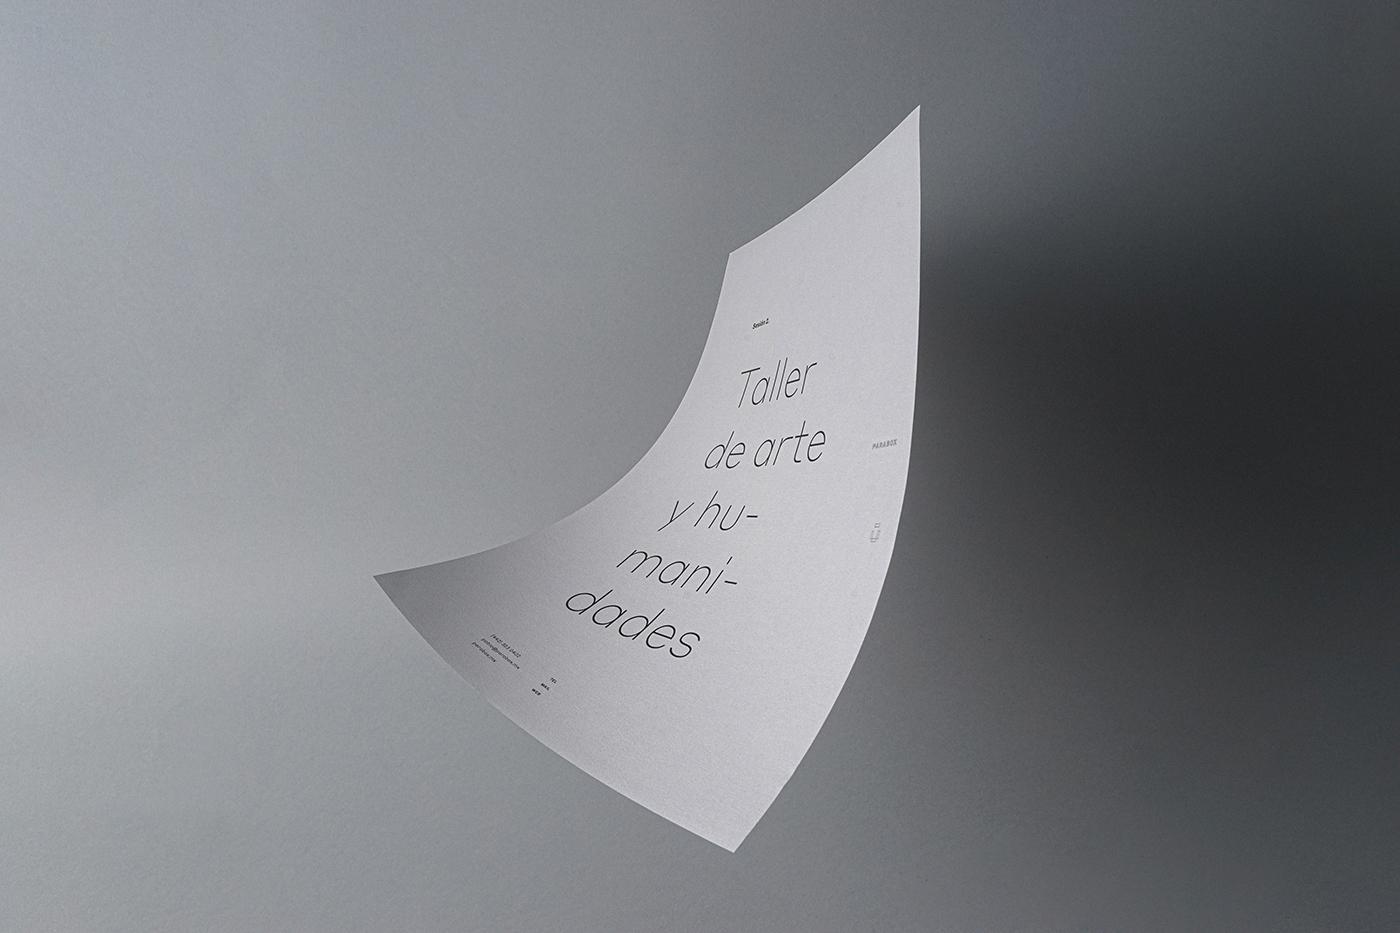 Image may contain: handwriting and ax